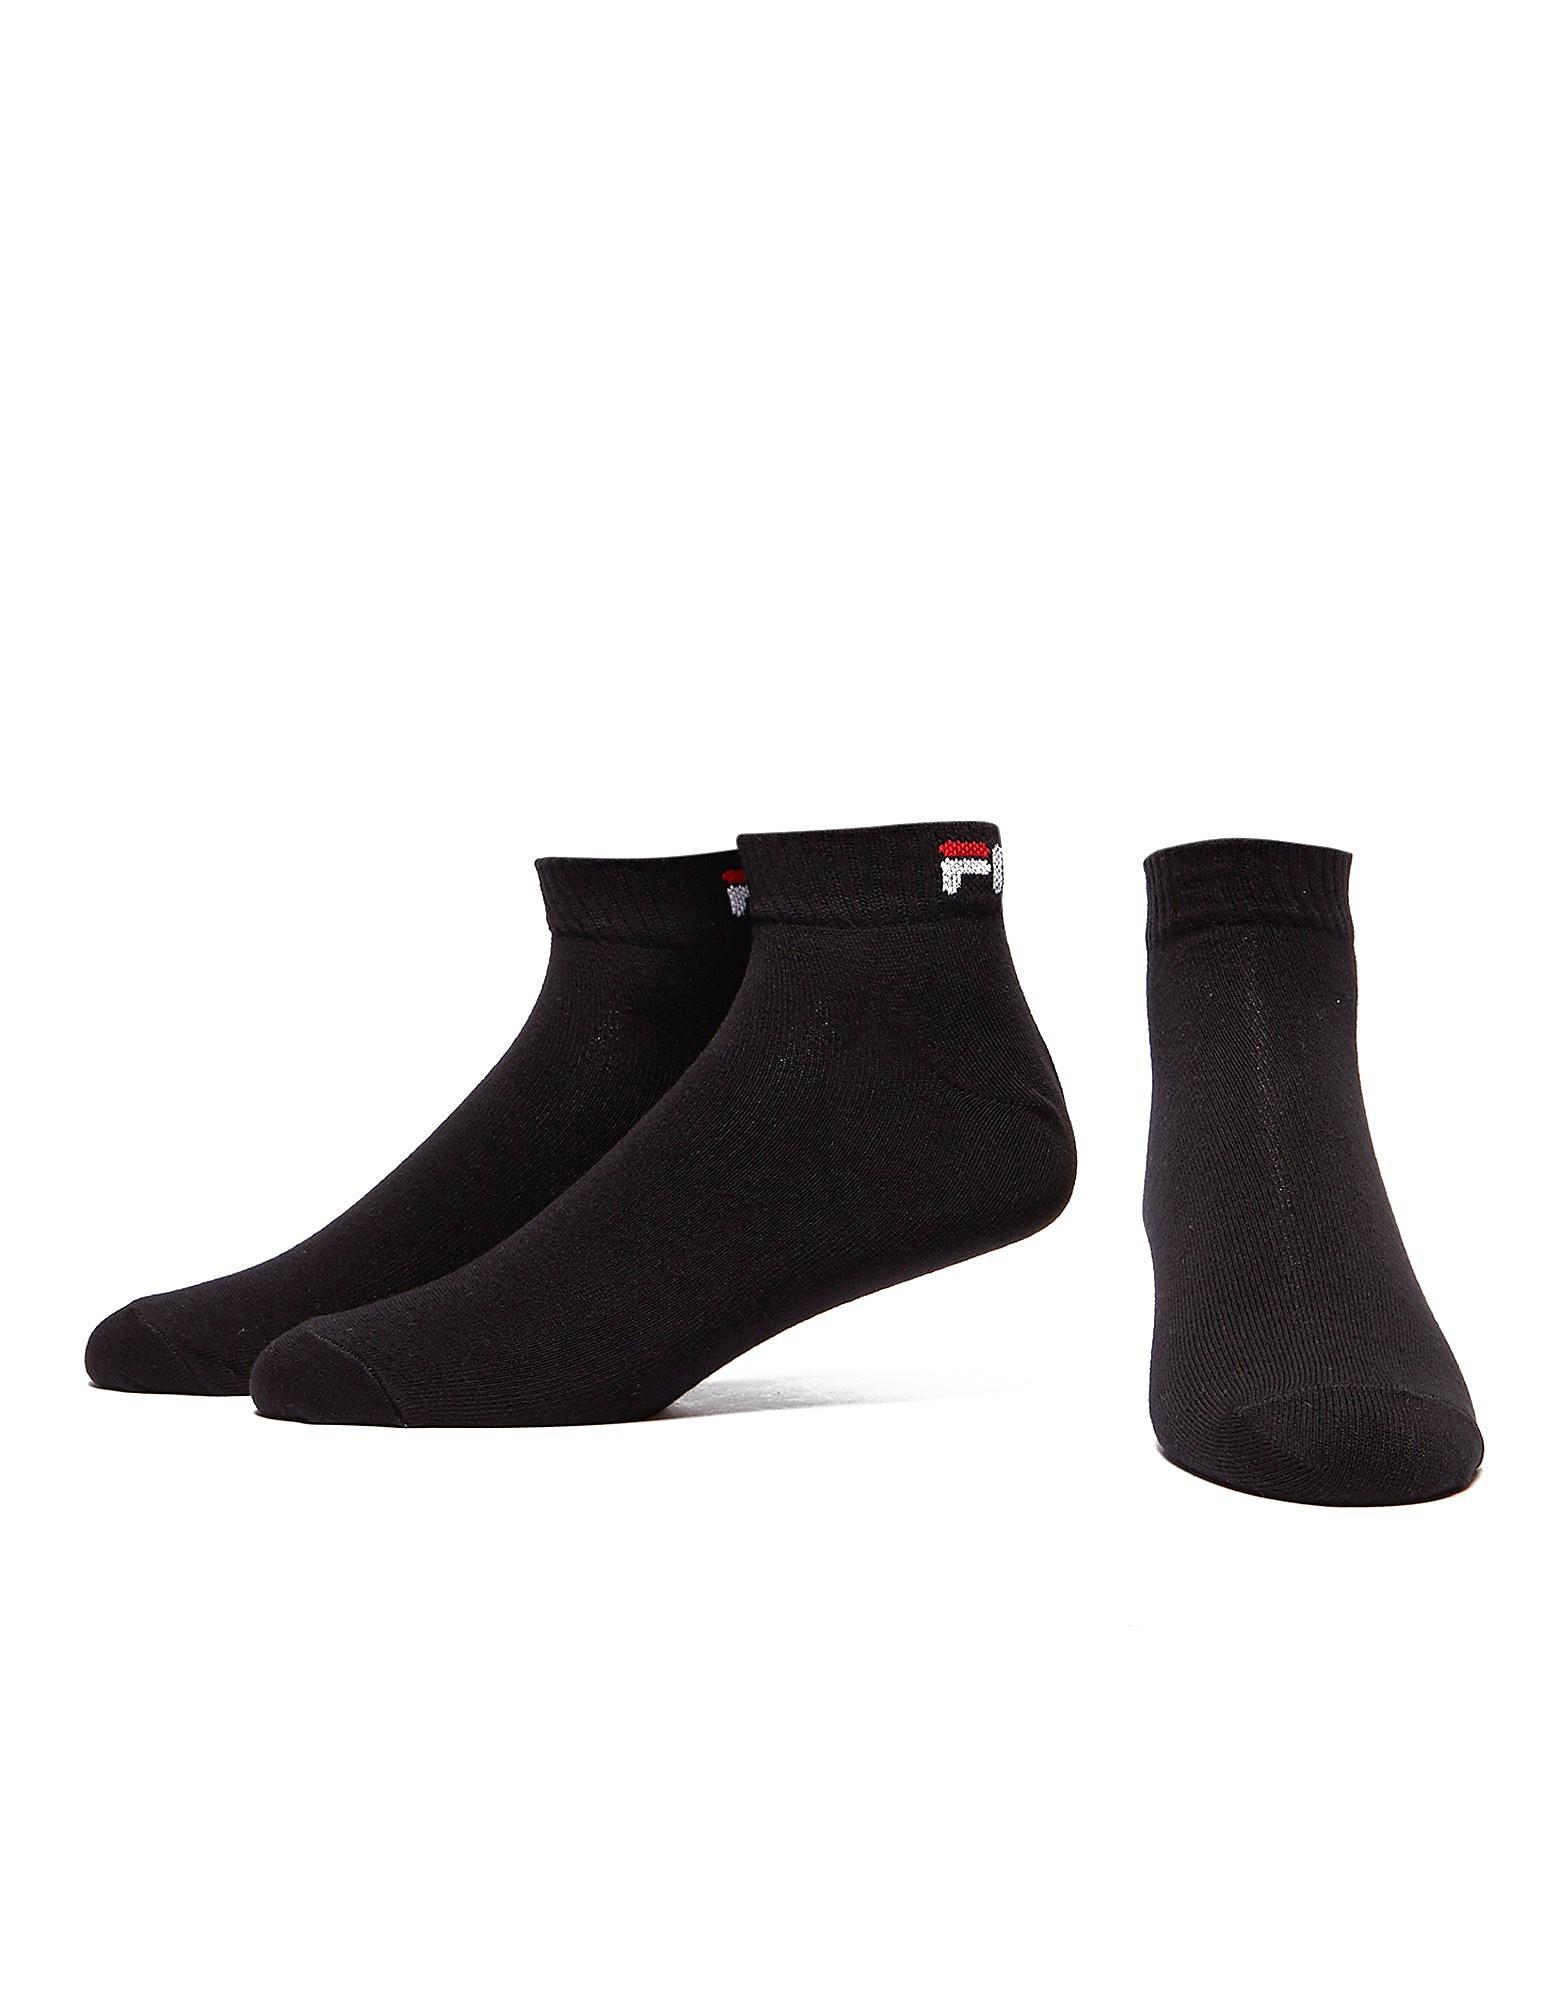 Fila 3 Pack Ankle Training Socks